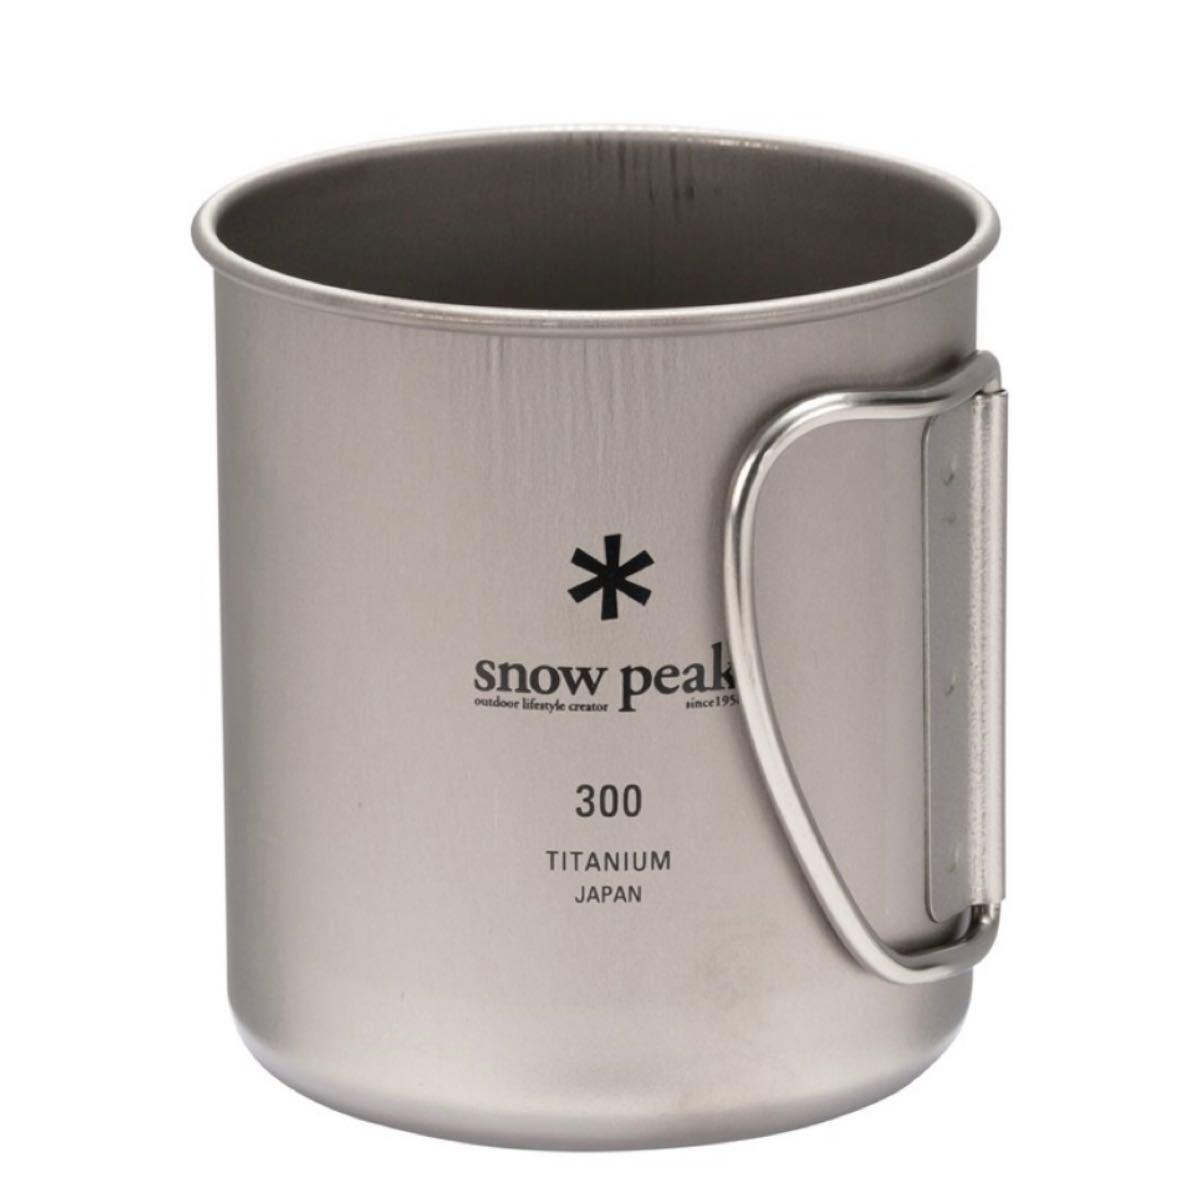 スノーピーク ★チタンシングルマグ 300 ★2個セット ★ snowpeak マグカップ